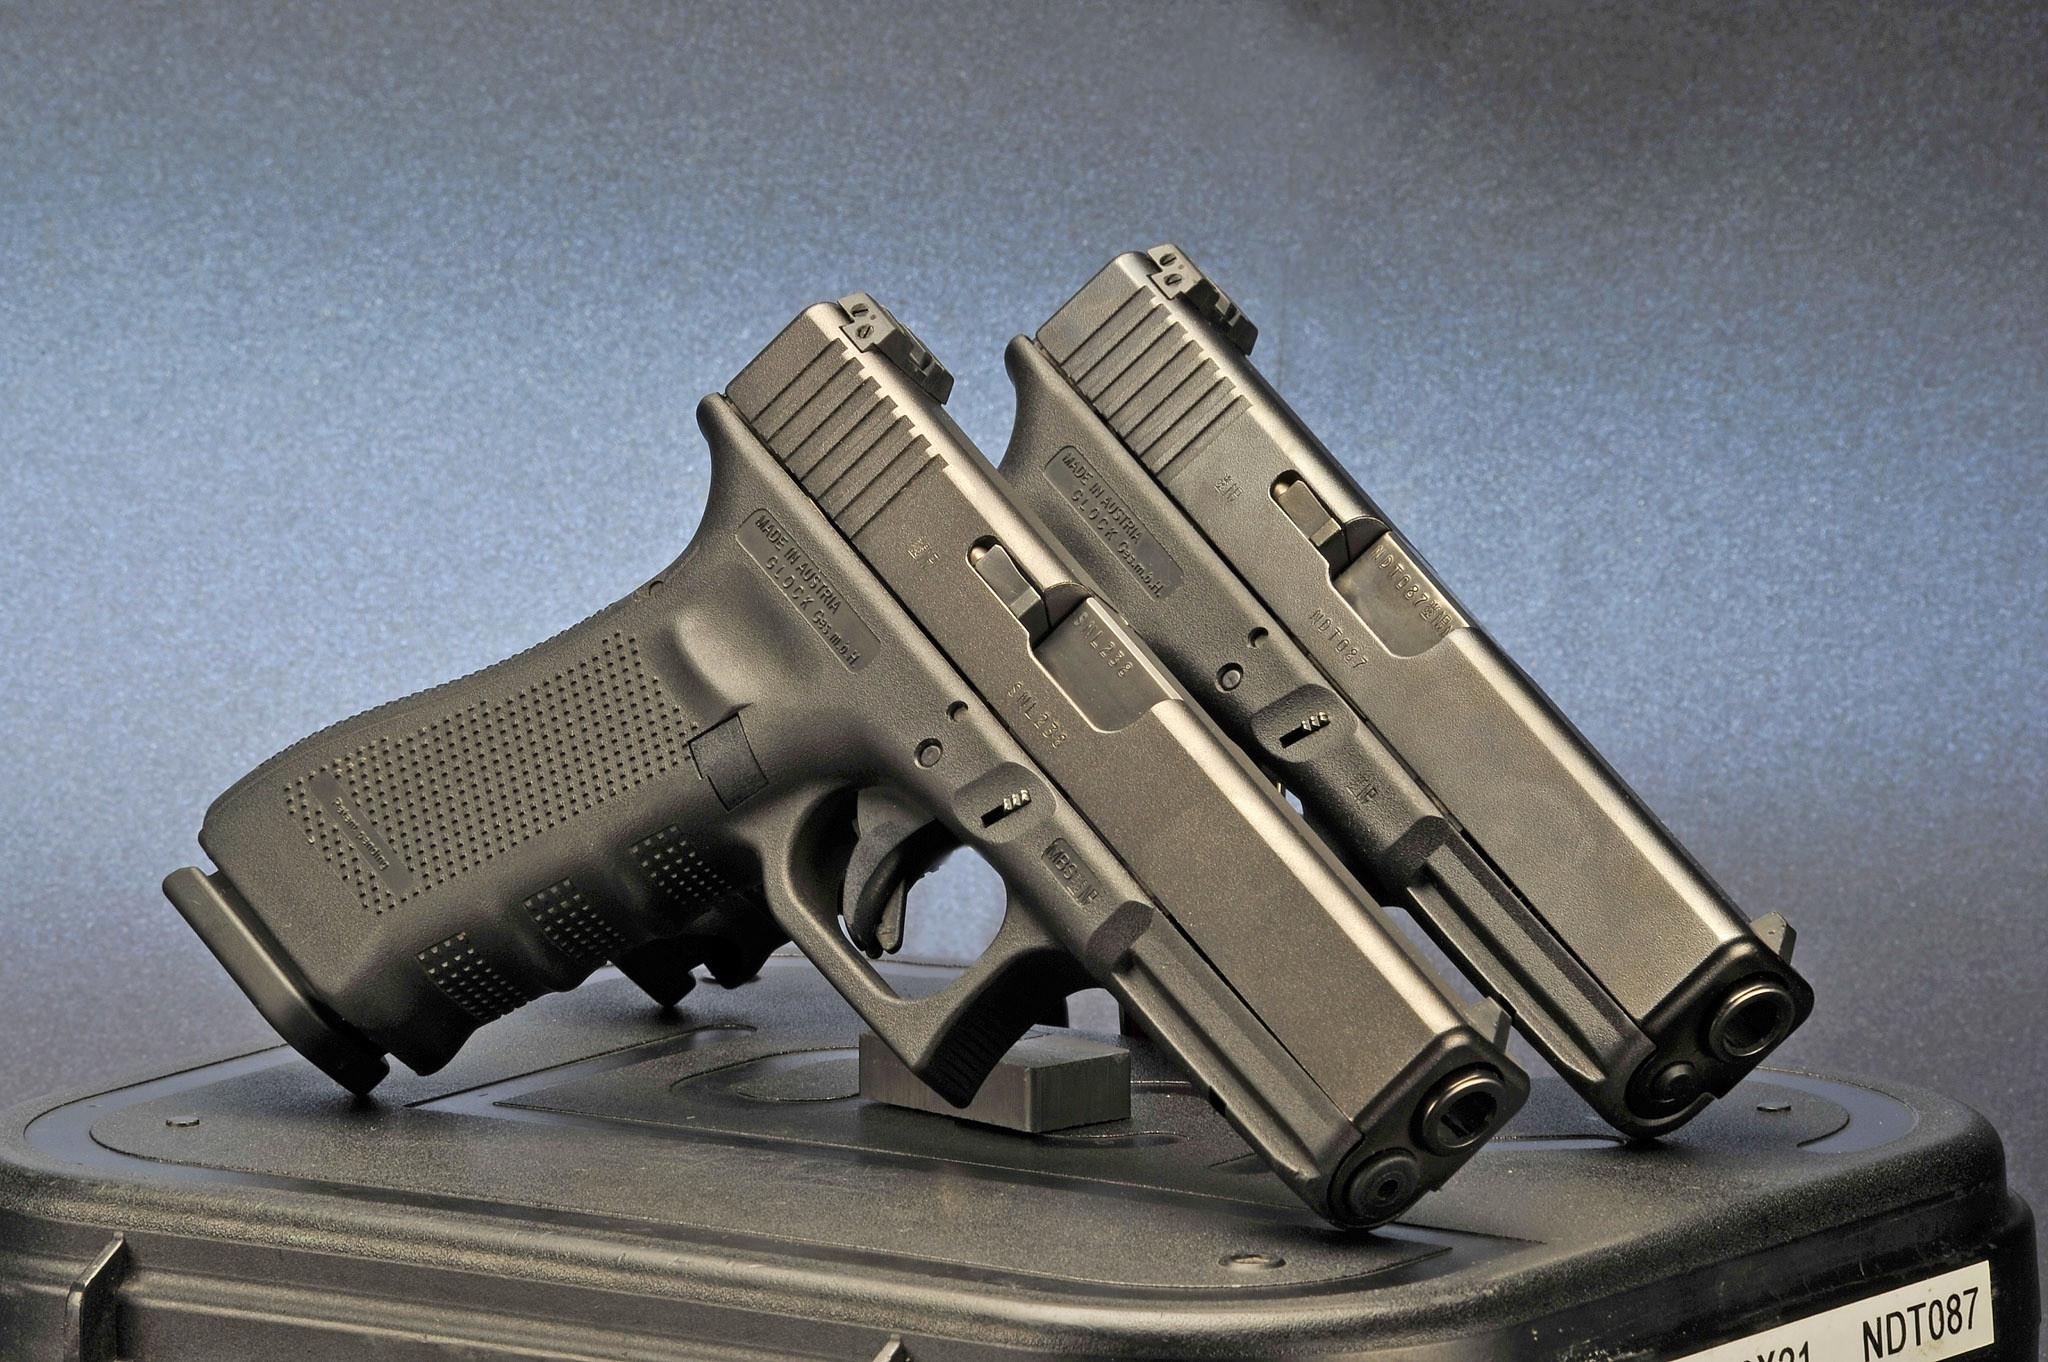 Res: 2048x1362, Glock Wallpaper Luxury Glock 17 Gen 4 Wallpapers S Backgrounds